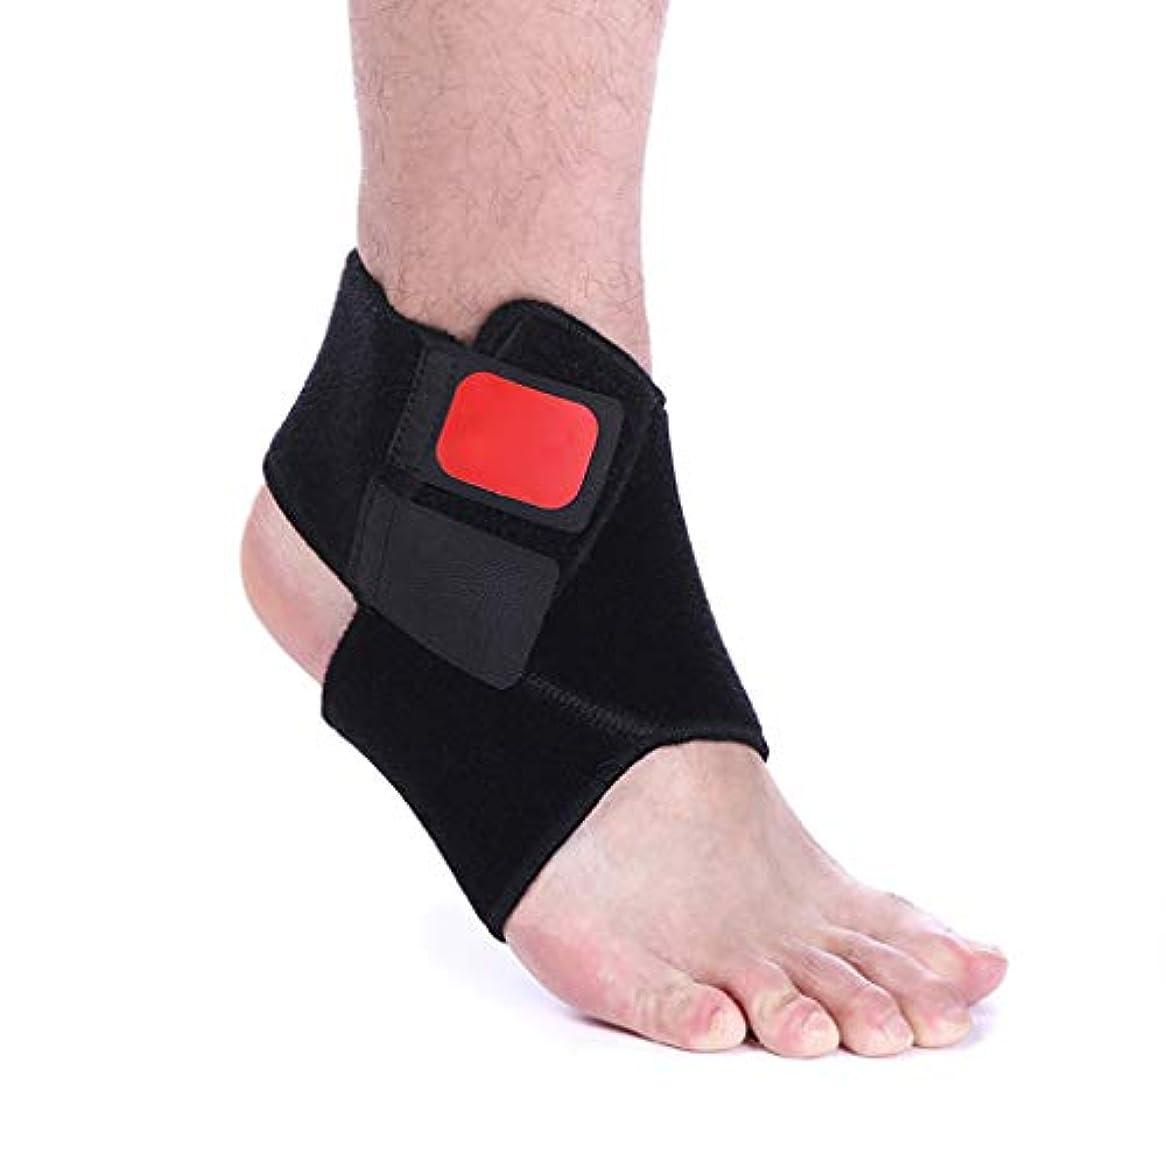 足首サポート、調整可能な足首ブレース通気性ナイロン素材超弾性と快適な通気性バスケットボールランニング足首捻rain男性女性,M